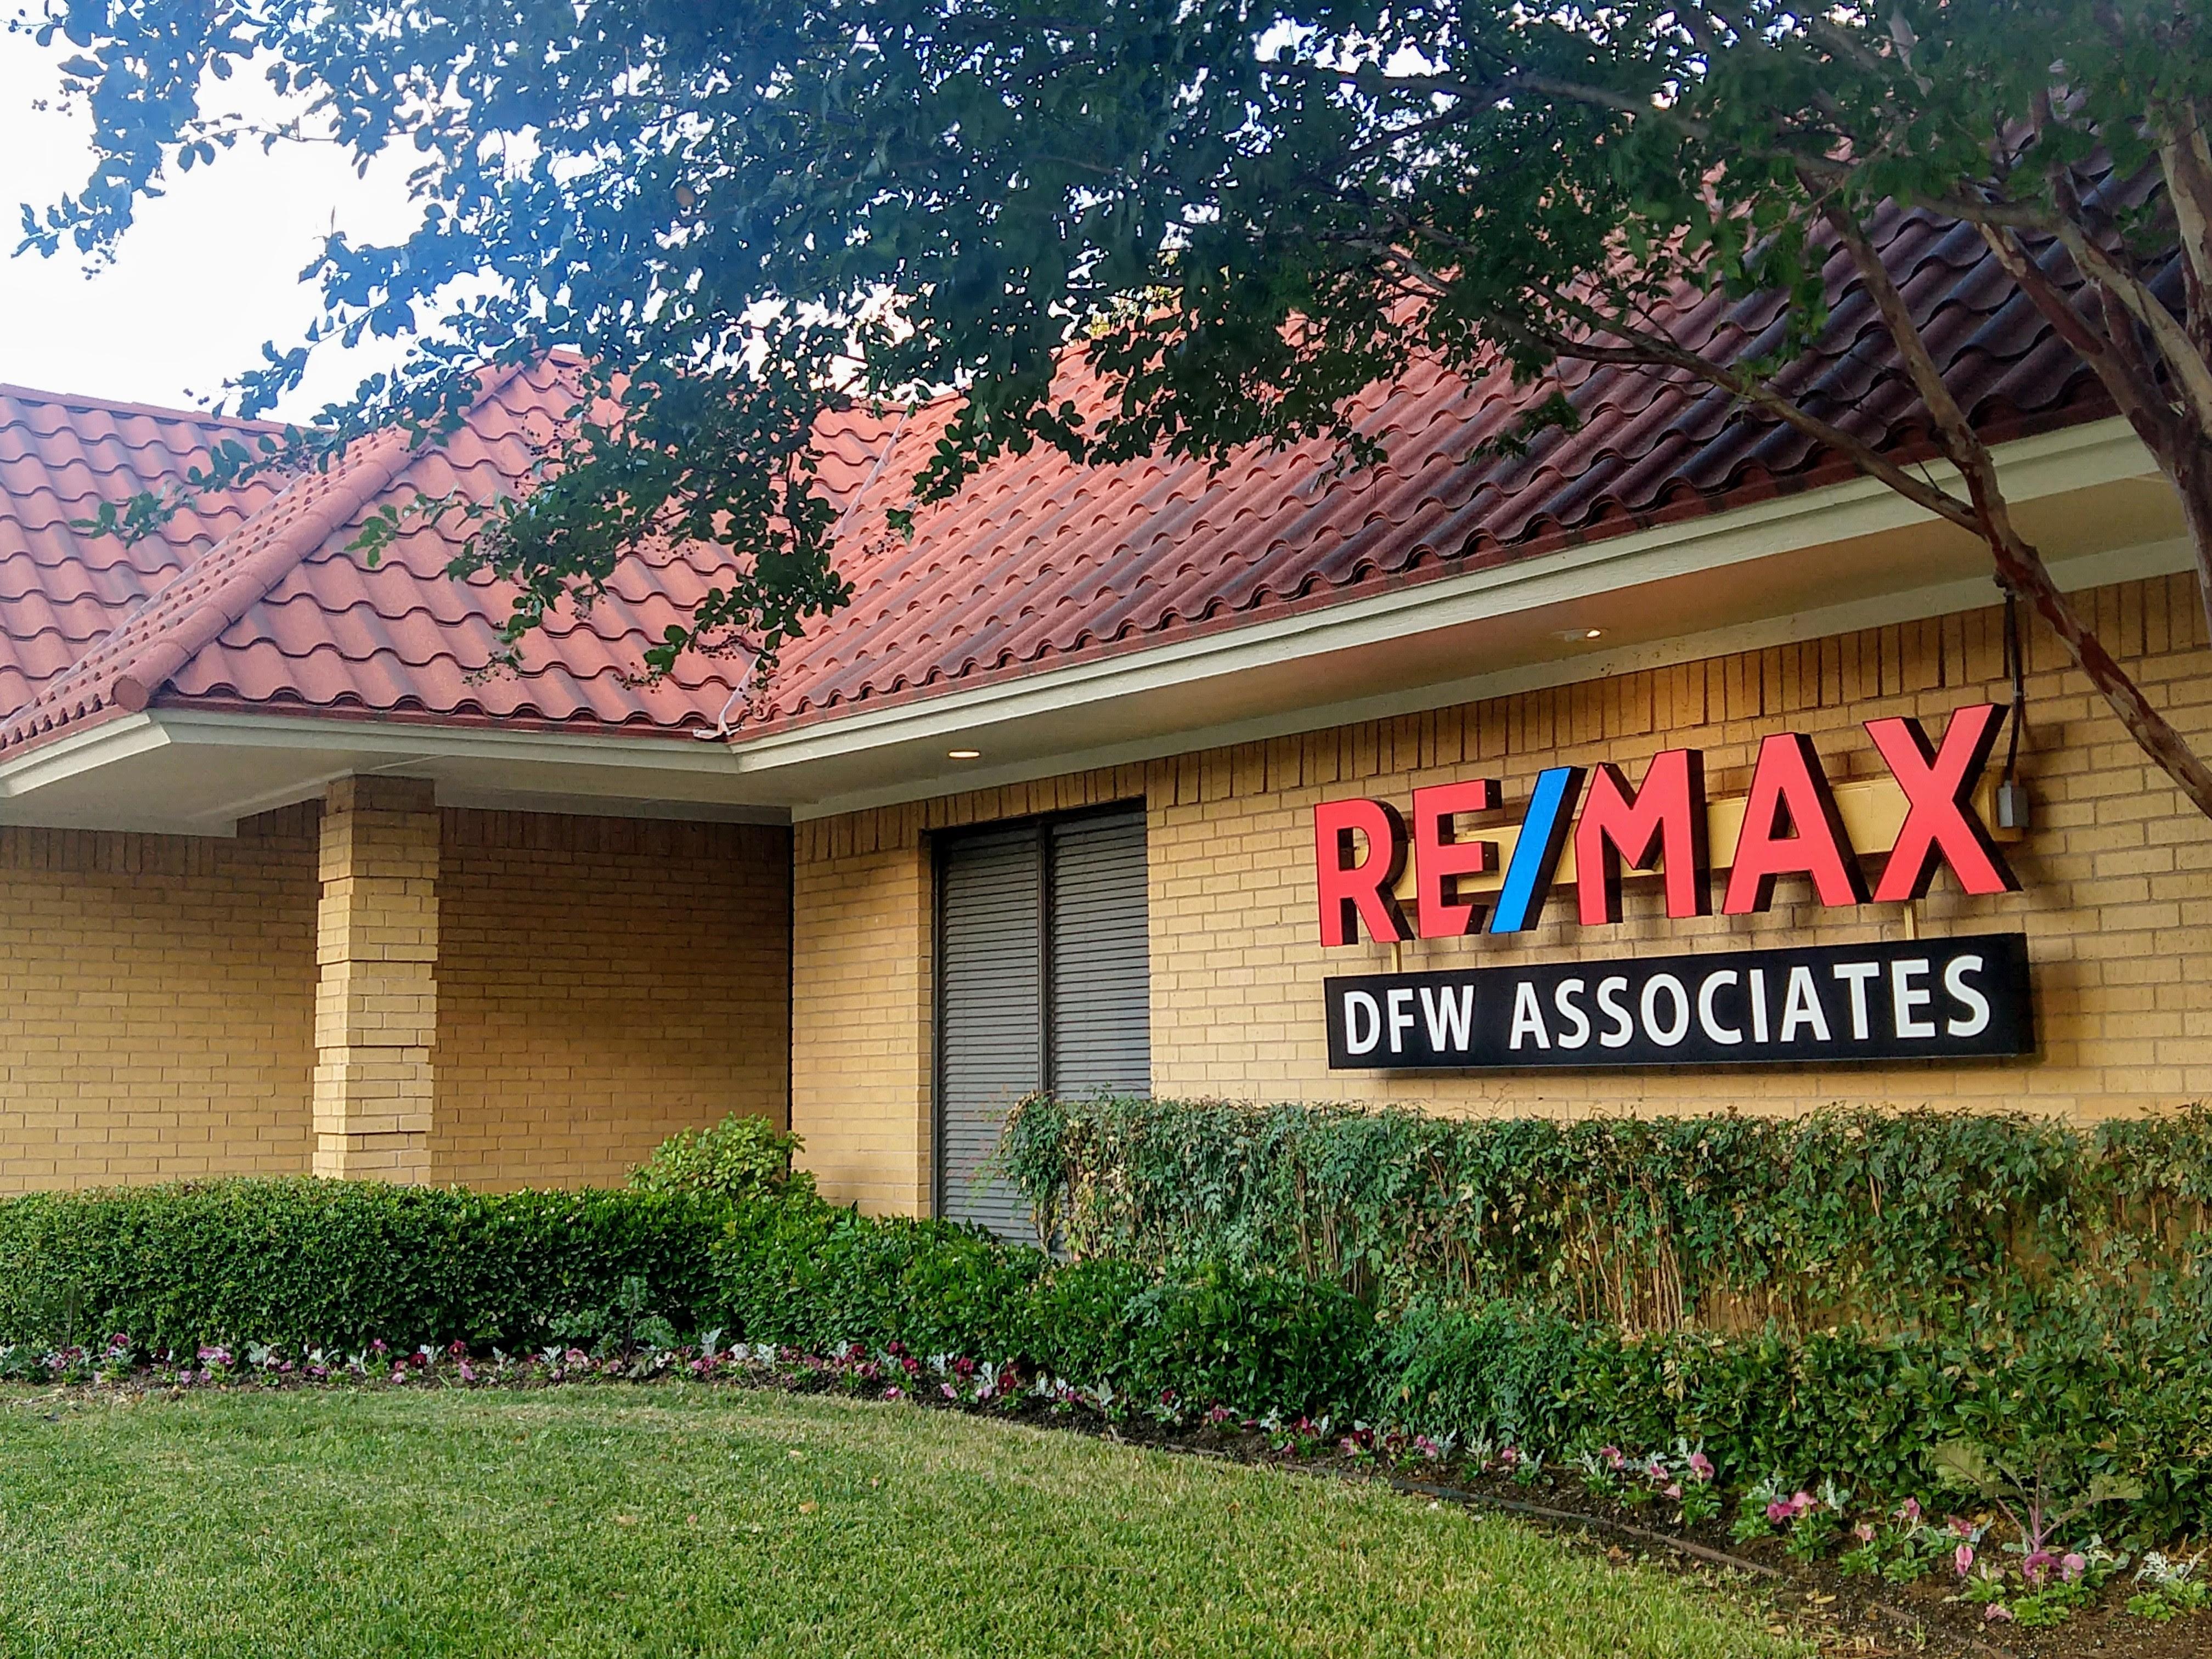 RE/MAX DFW Associates I